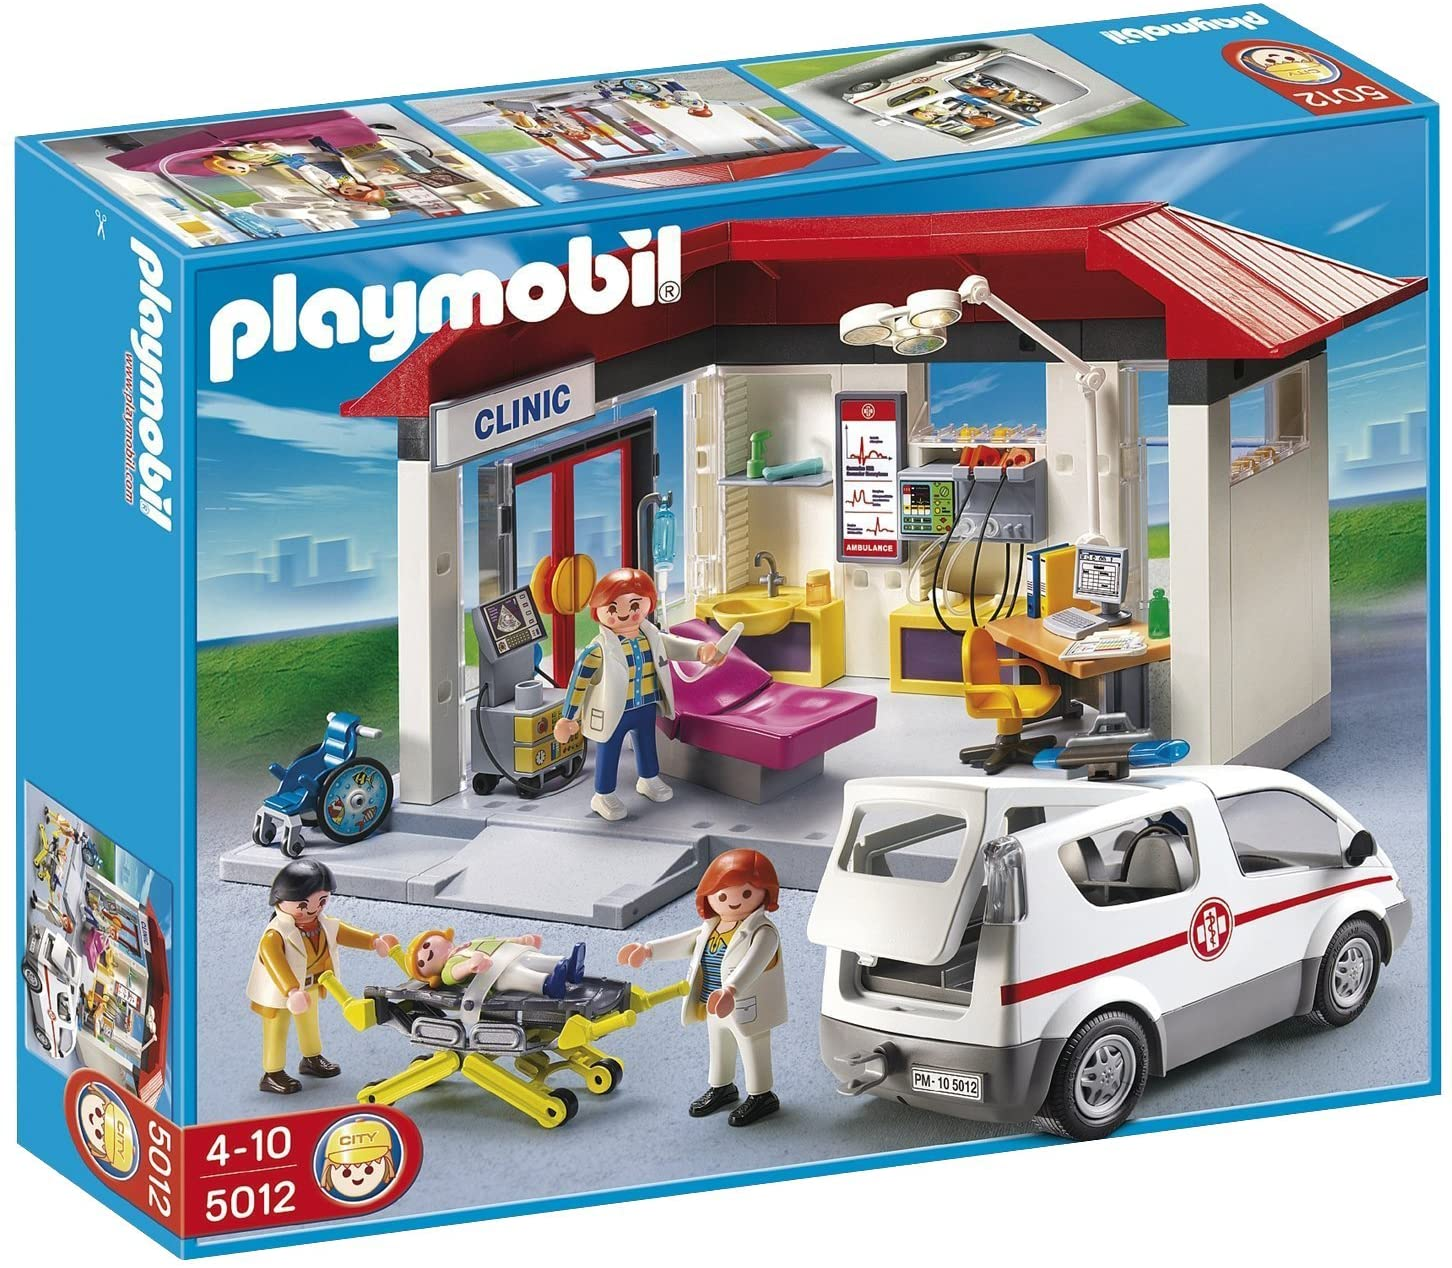 Centro Médico com Ambulância Playmobil - Sunny 1784